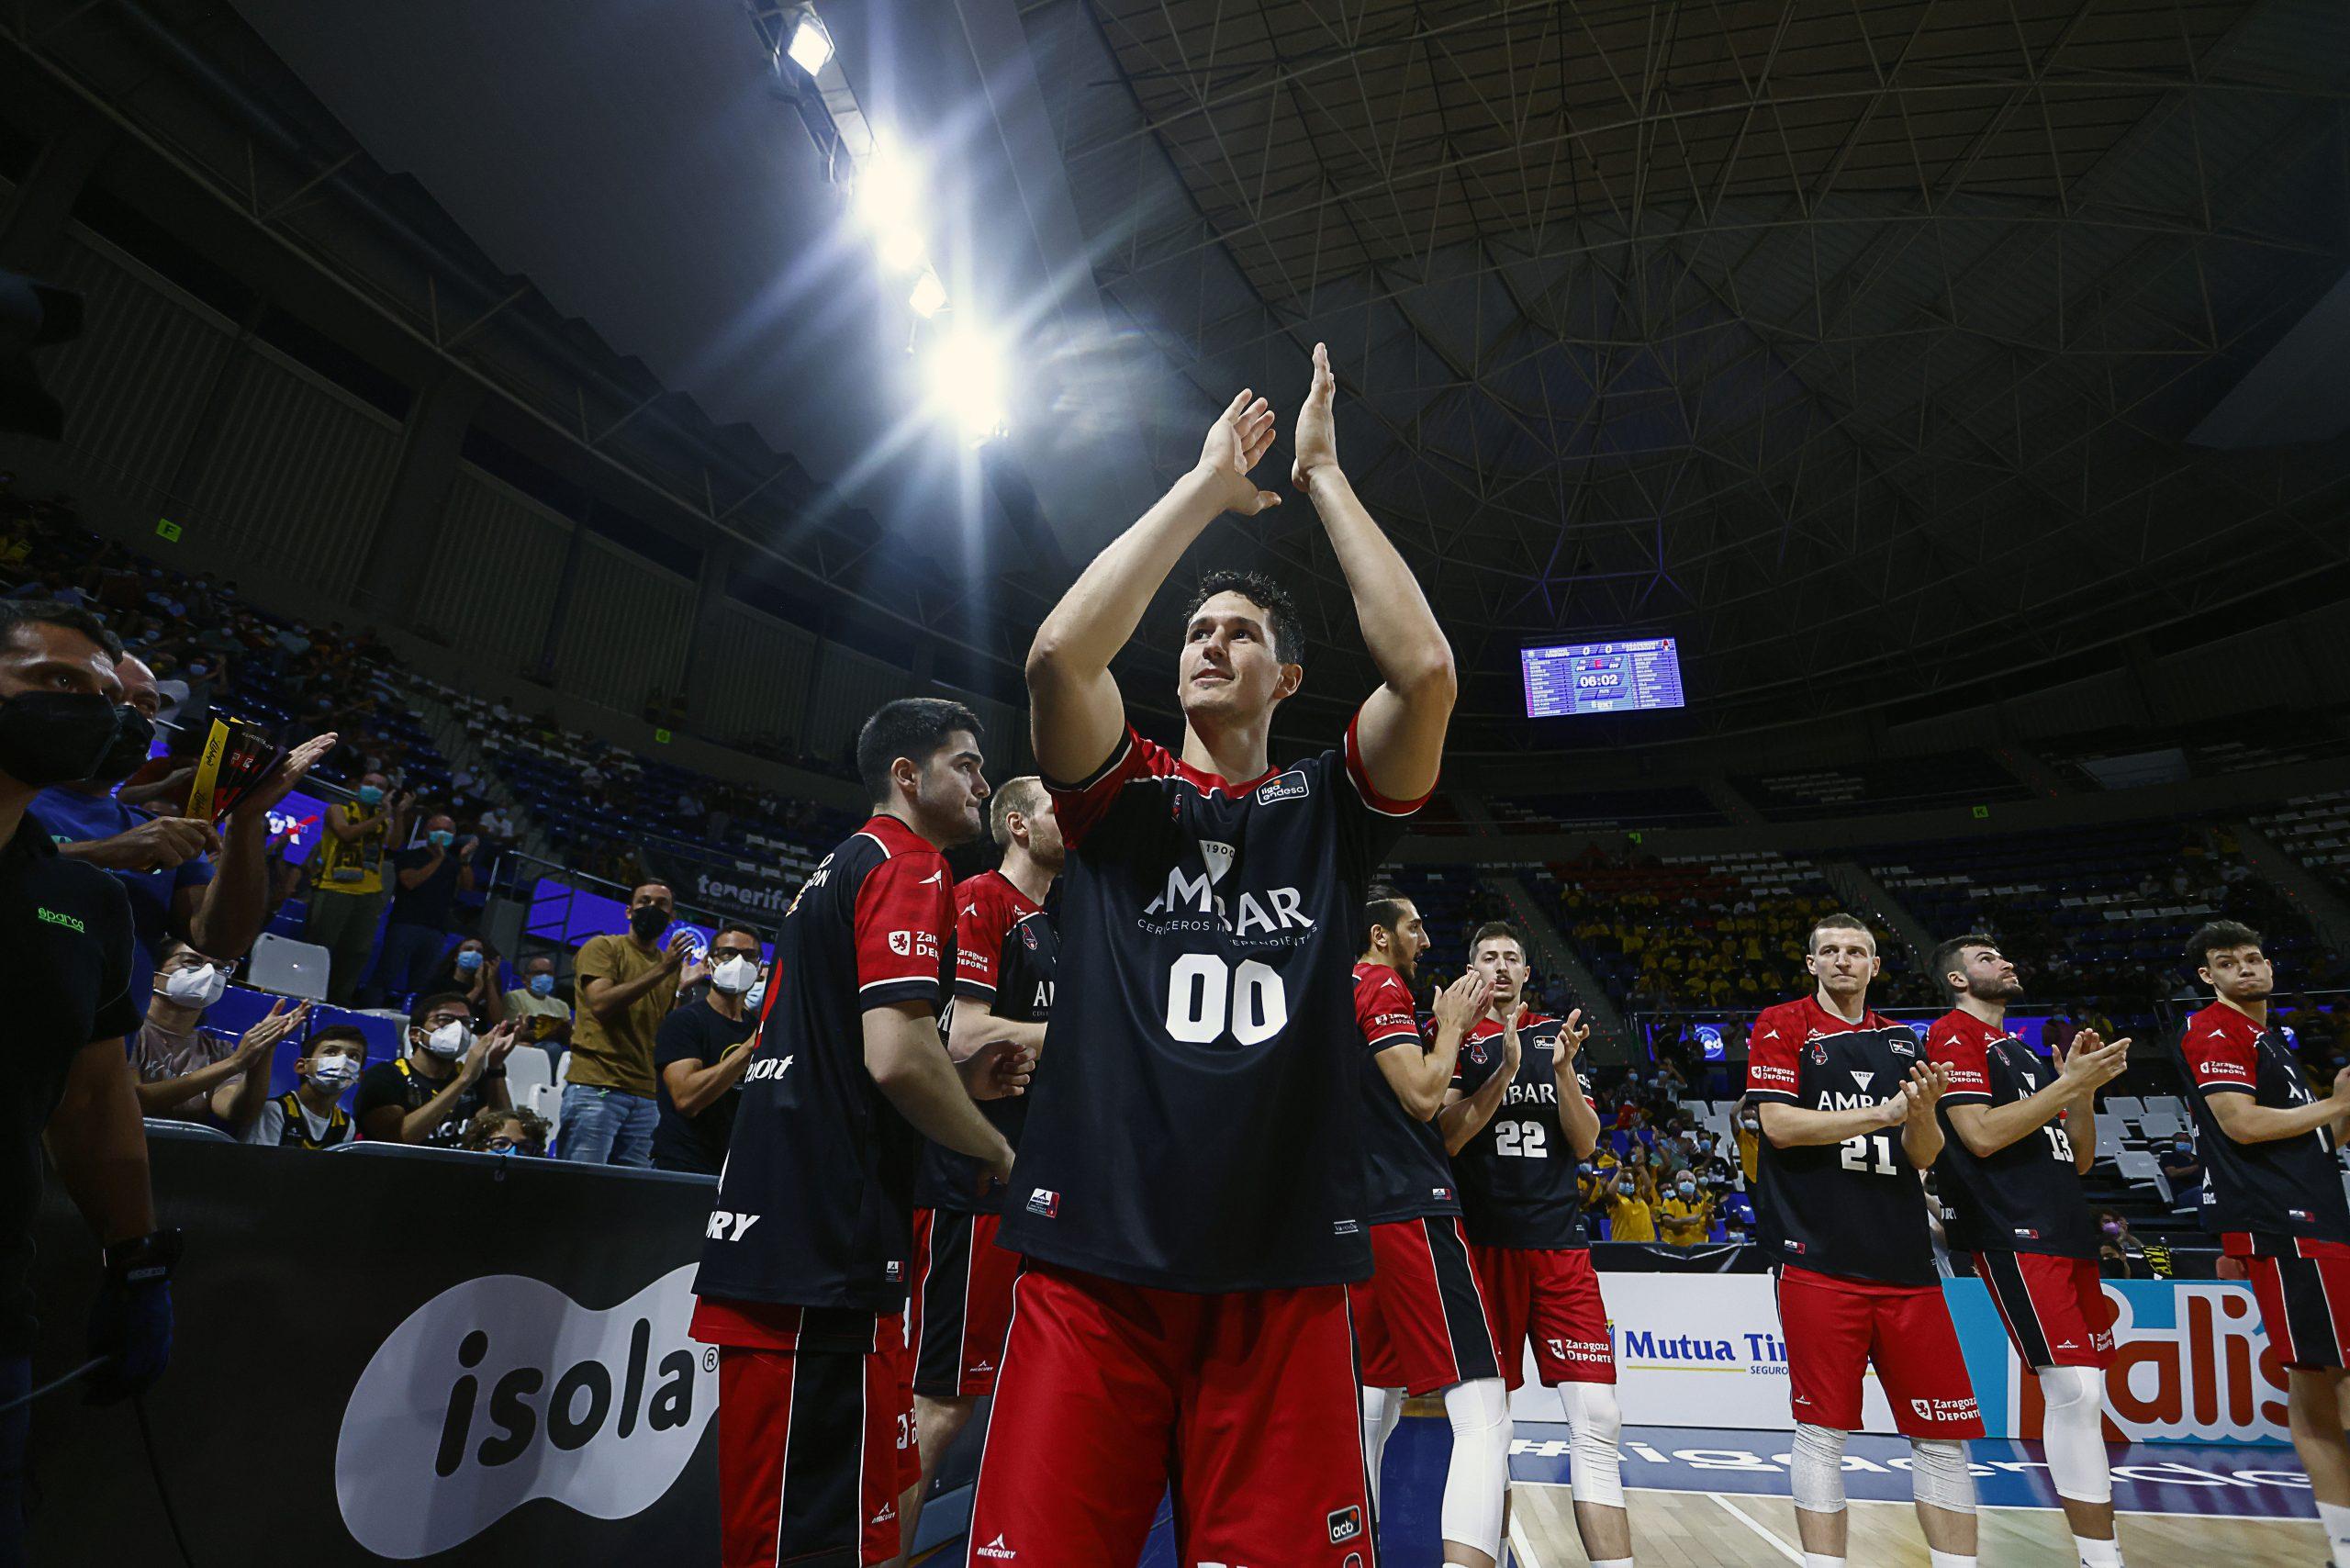 Homenaje aurinegro a Rodrigo San Miguel por sus quinientos partidos en ACB